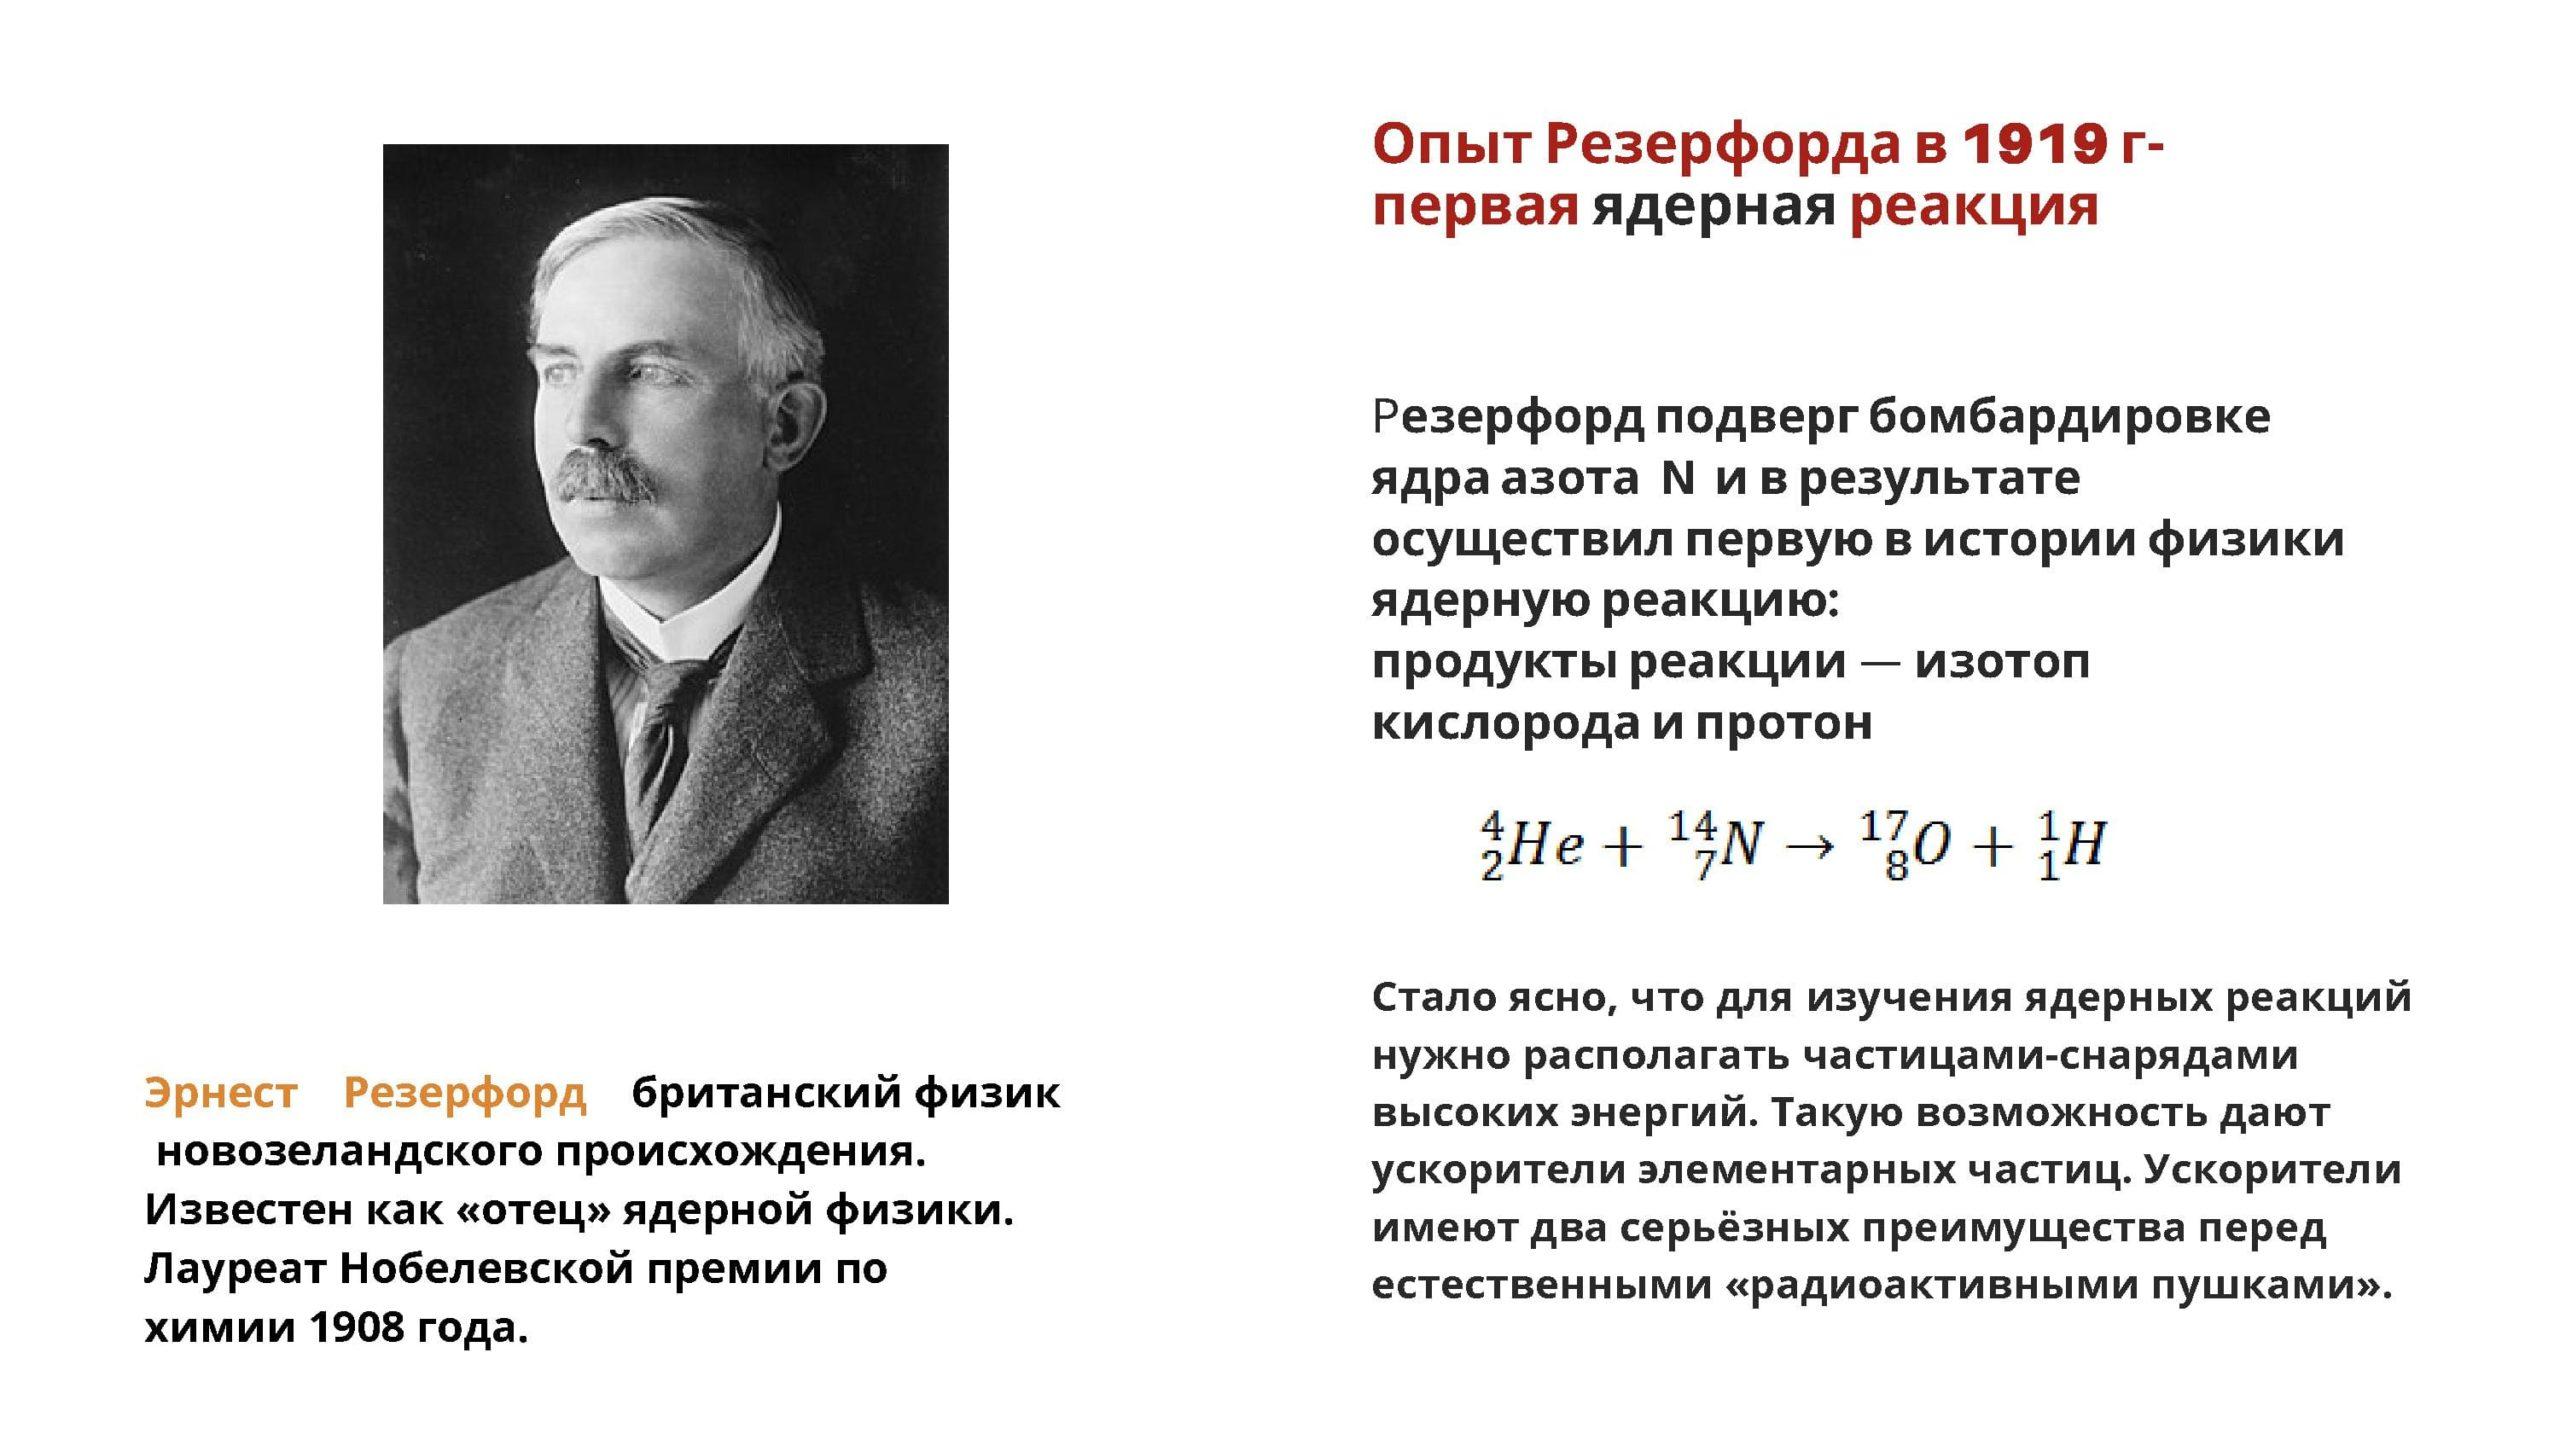 Опыт Резерфорда в 1919 г - первая ядерная реакция